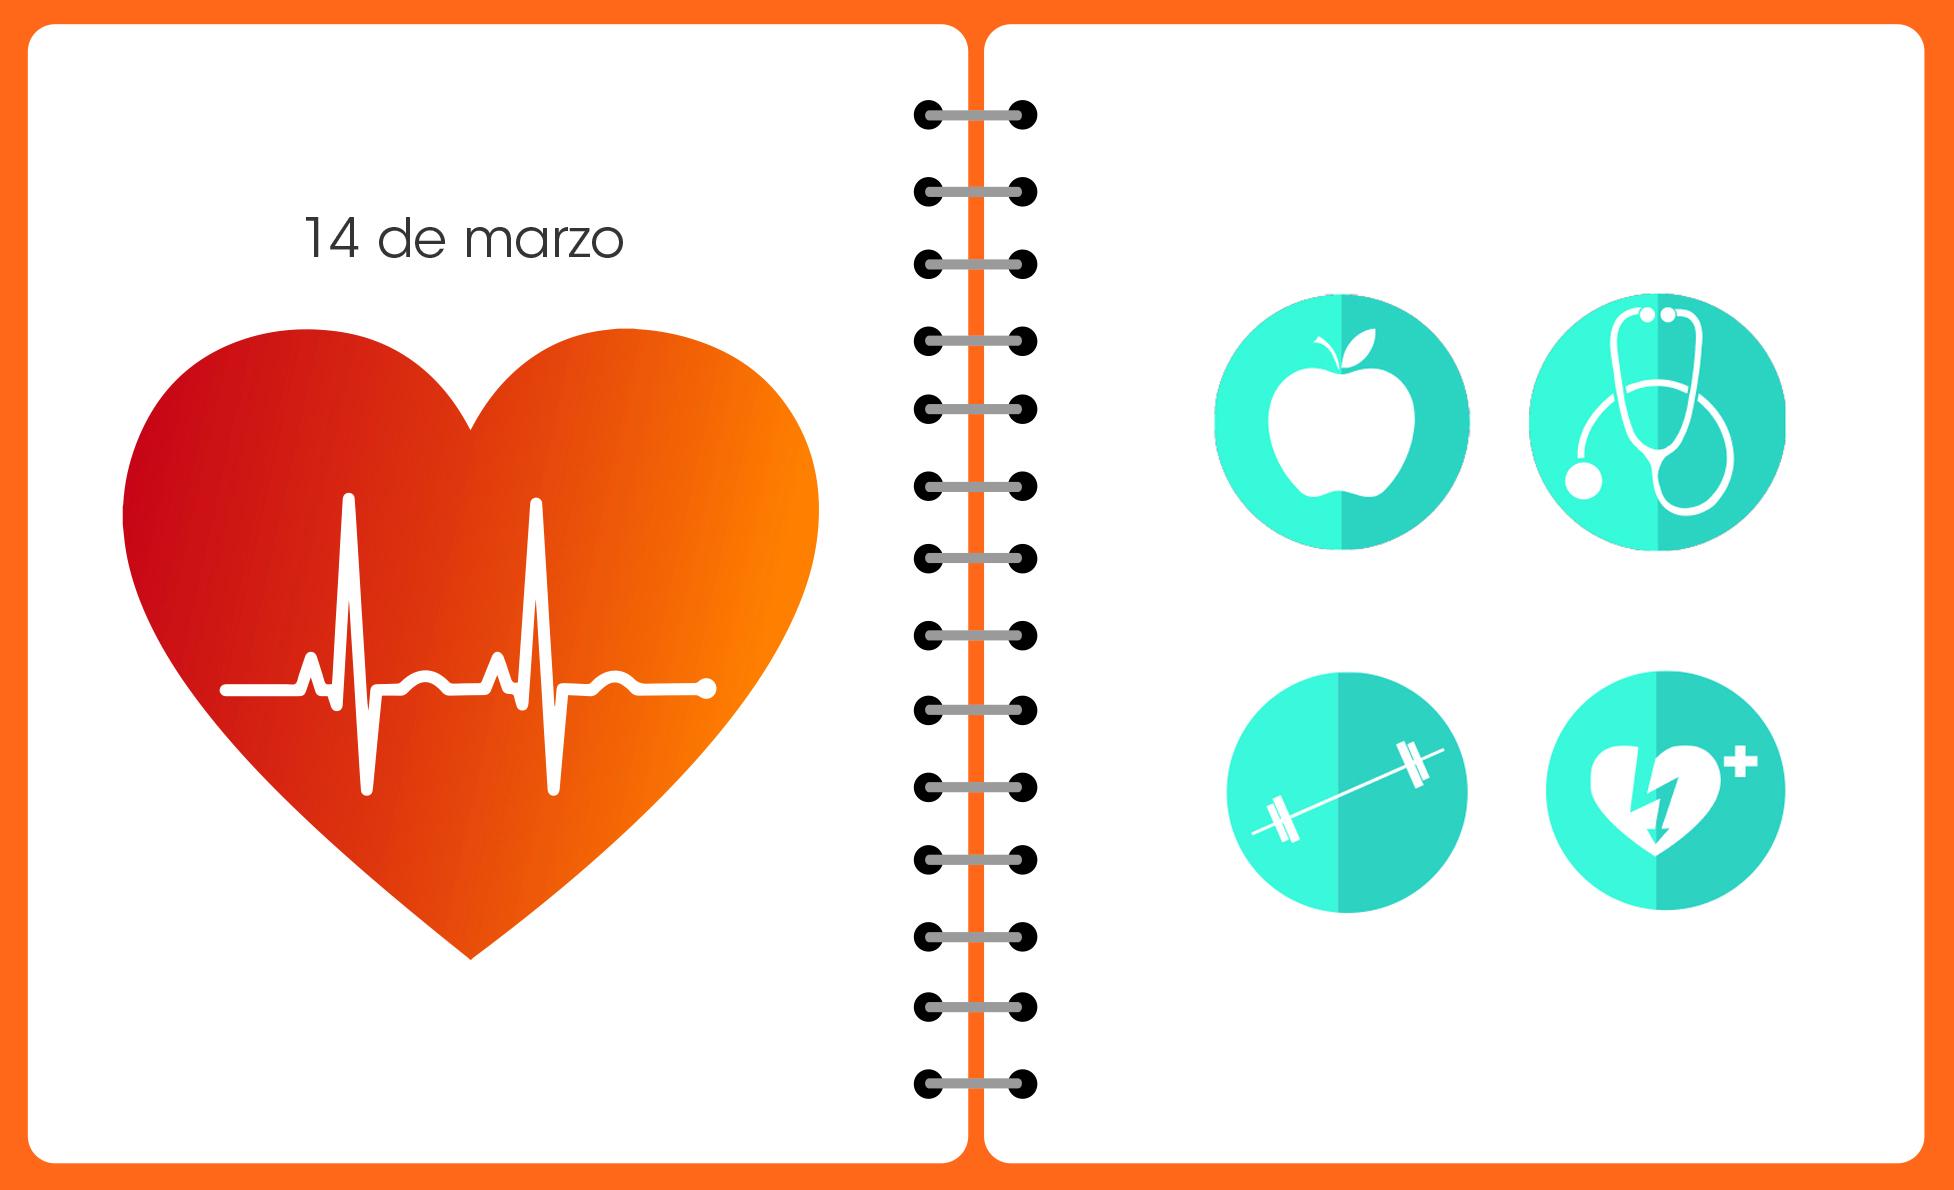 Prevención del riesgo cardíaco